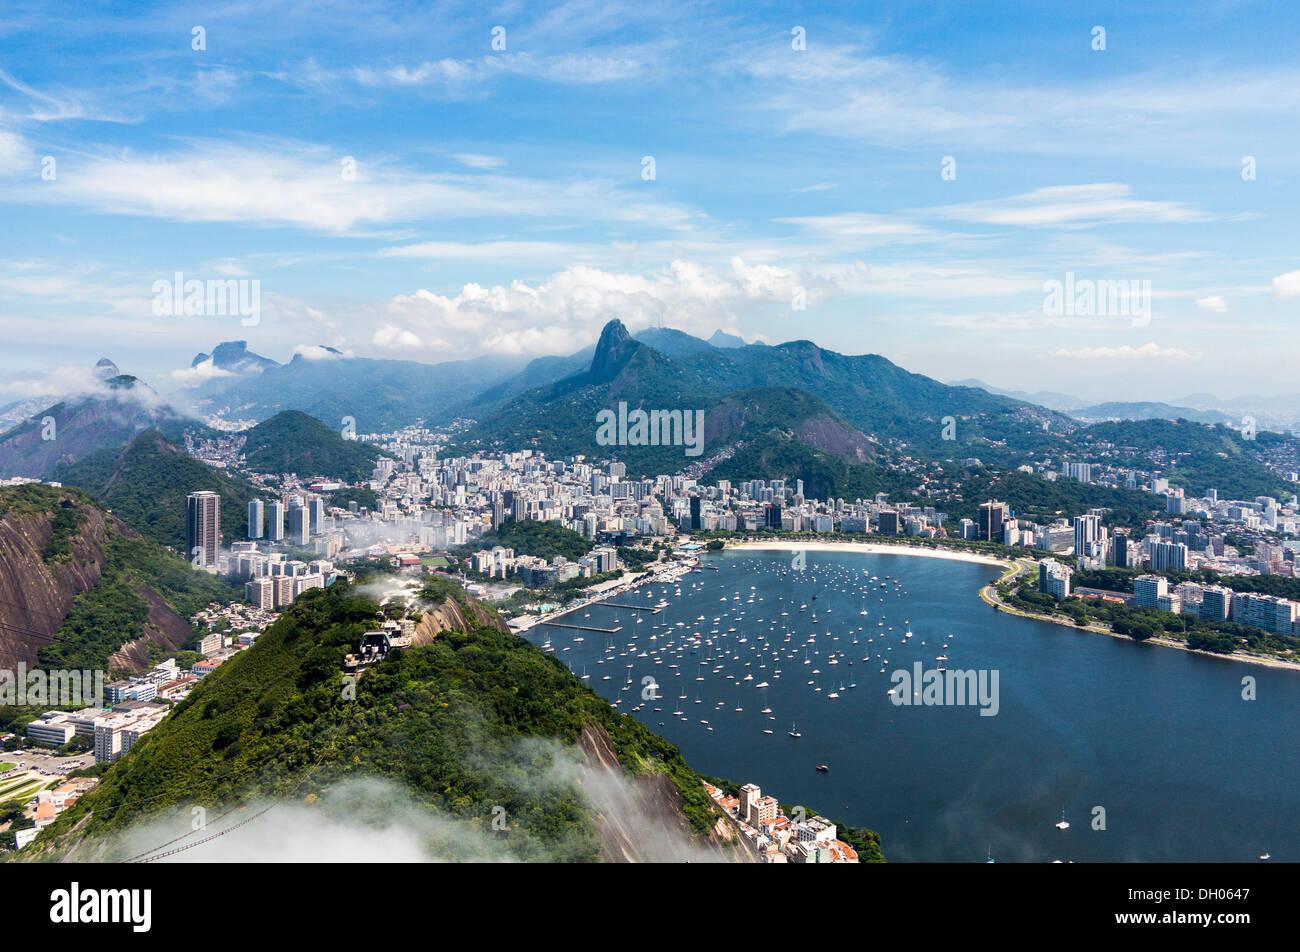 Vista aérea de la ciudad y del puerto de Río de Janeiro en Brasil desde el teleférico en Sugarloaf Mountain Imagen De Stock